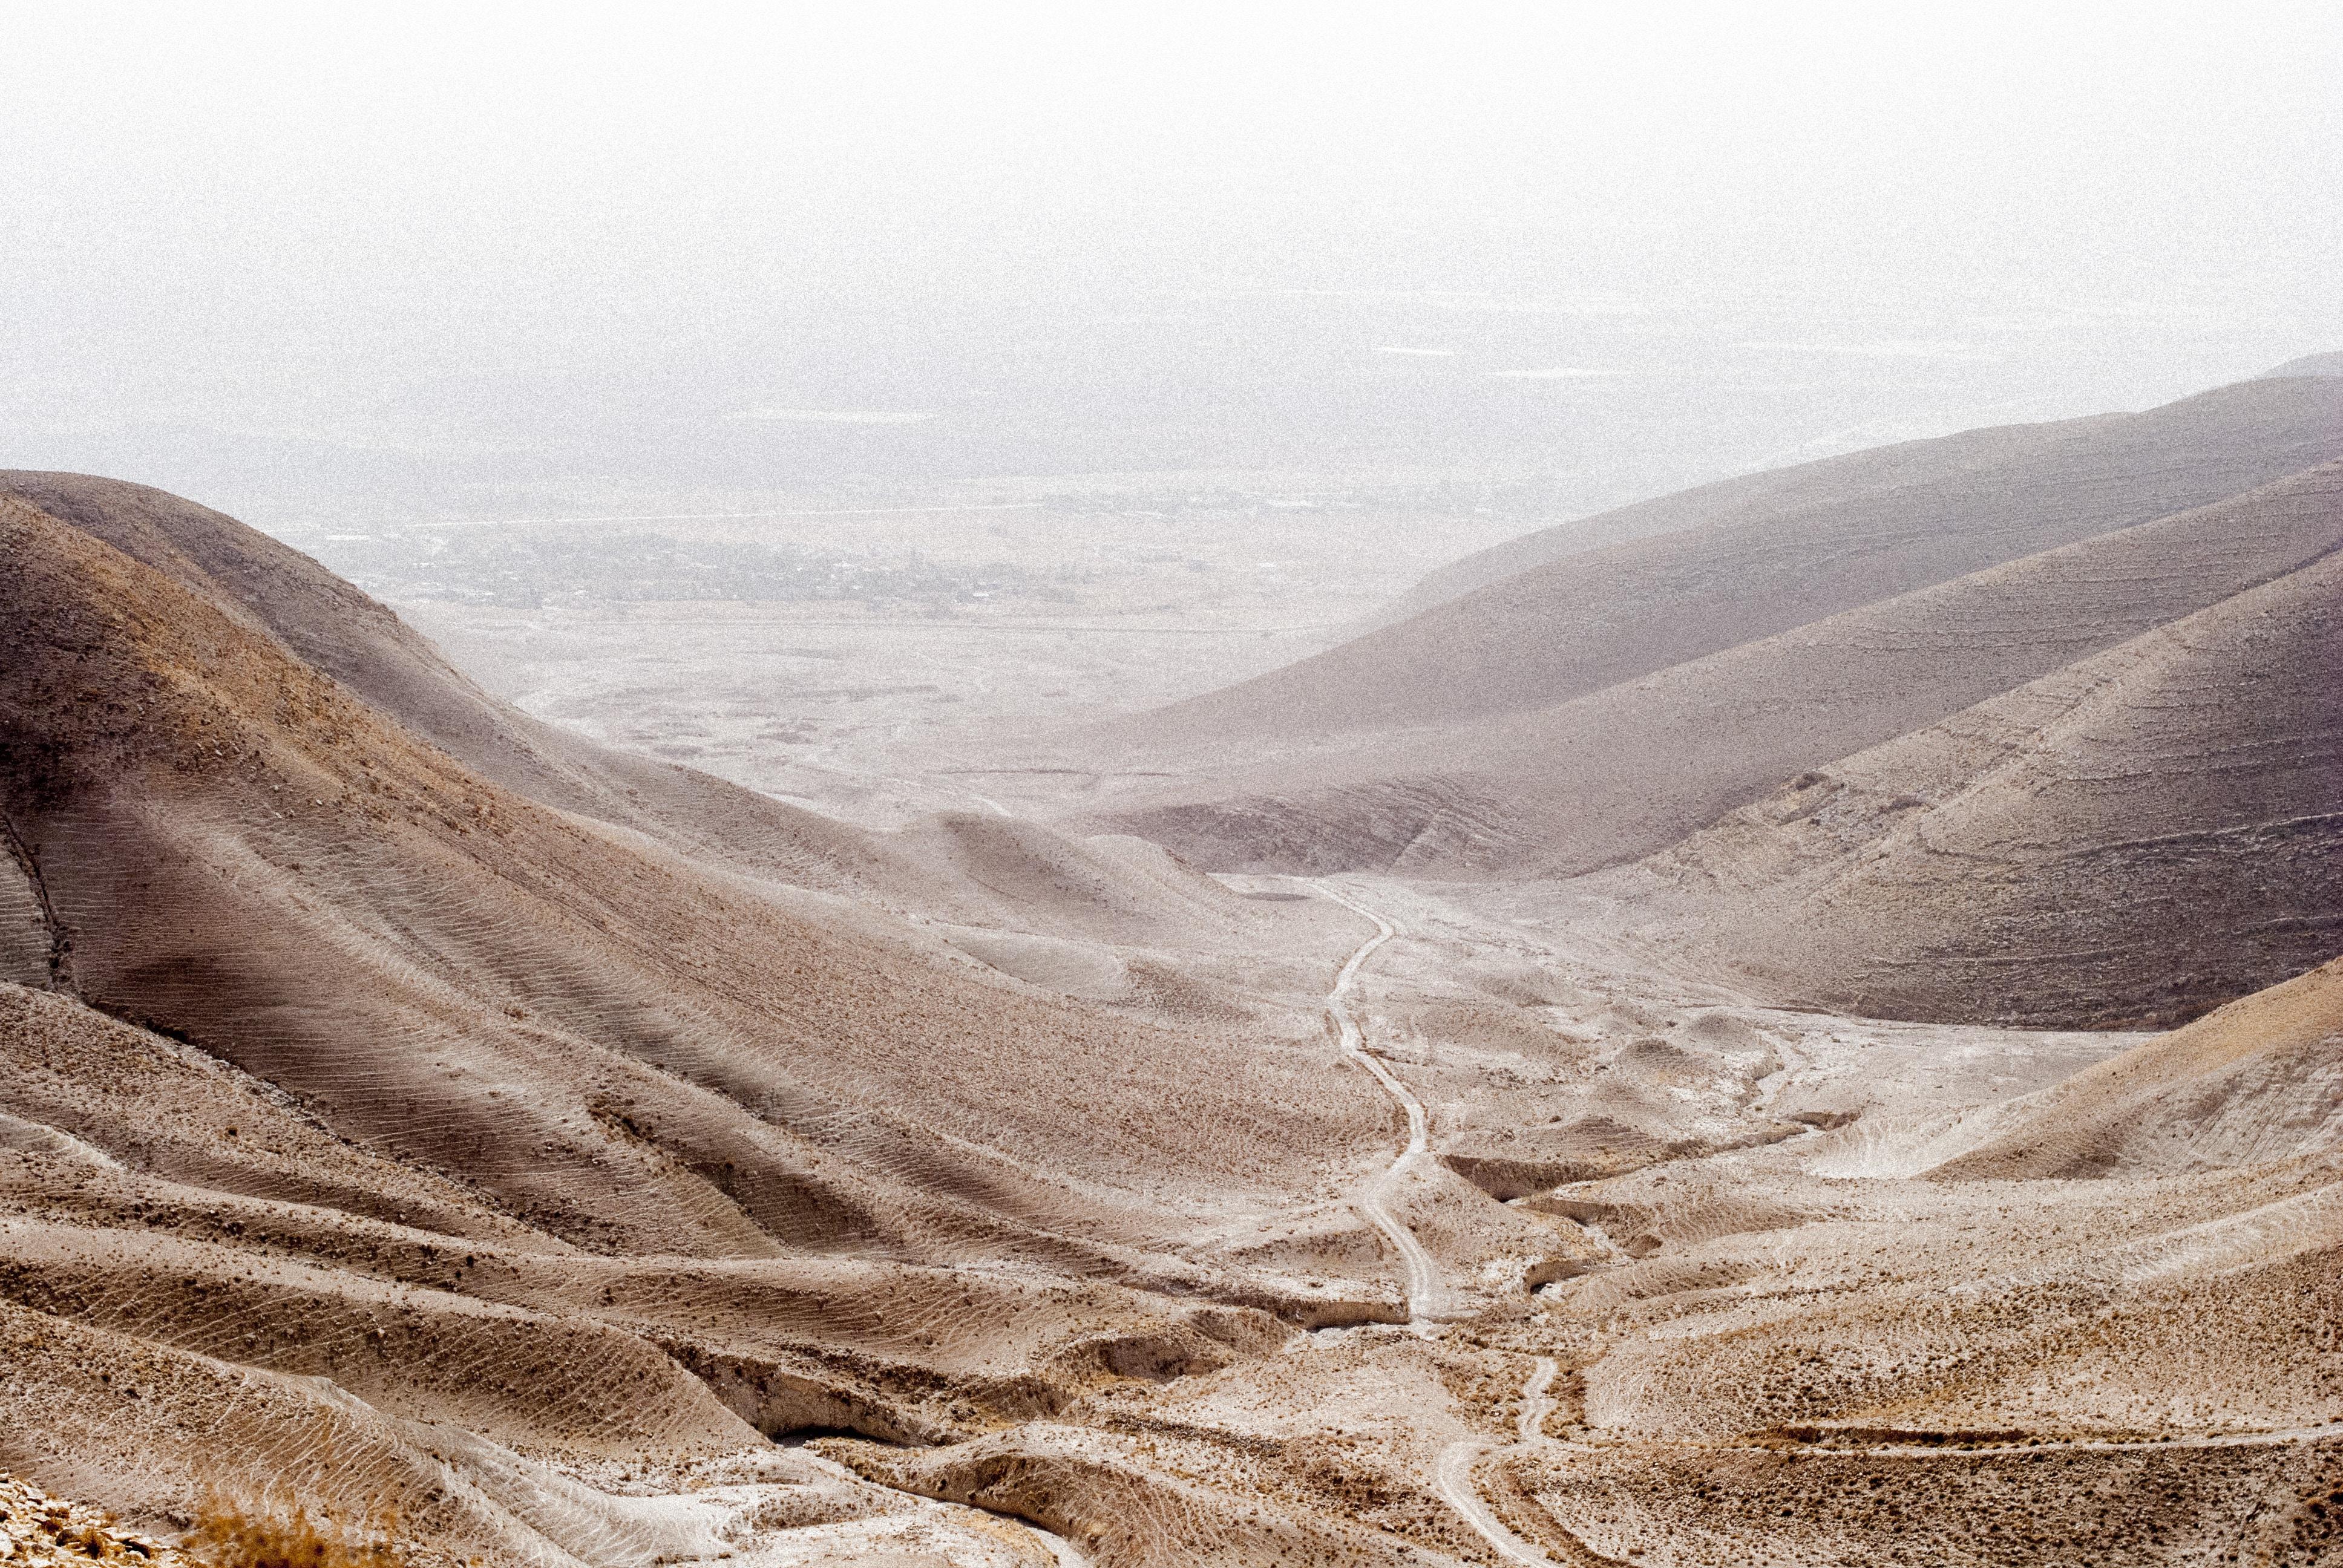 Desert mountains on an overcast day in Jordan Valley